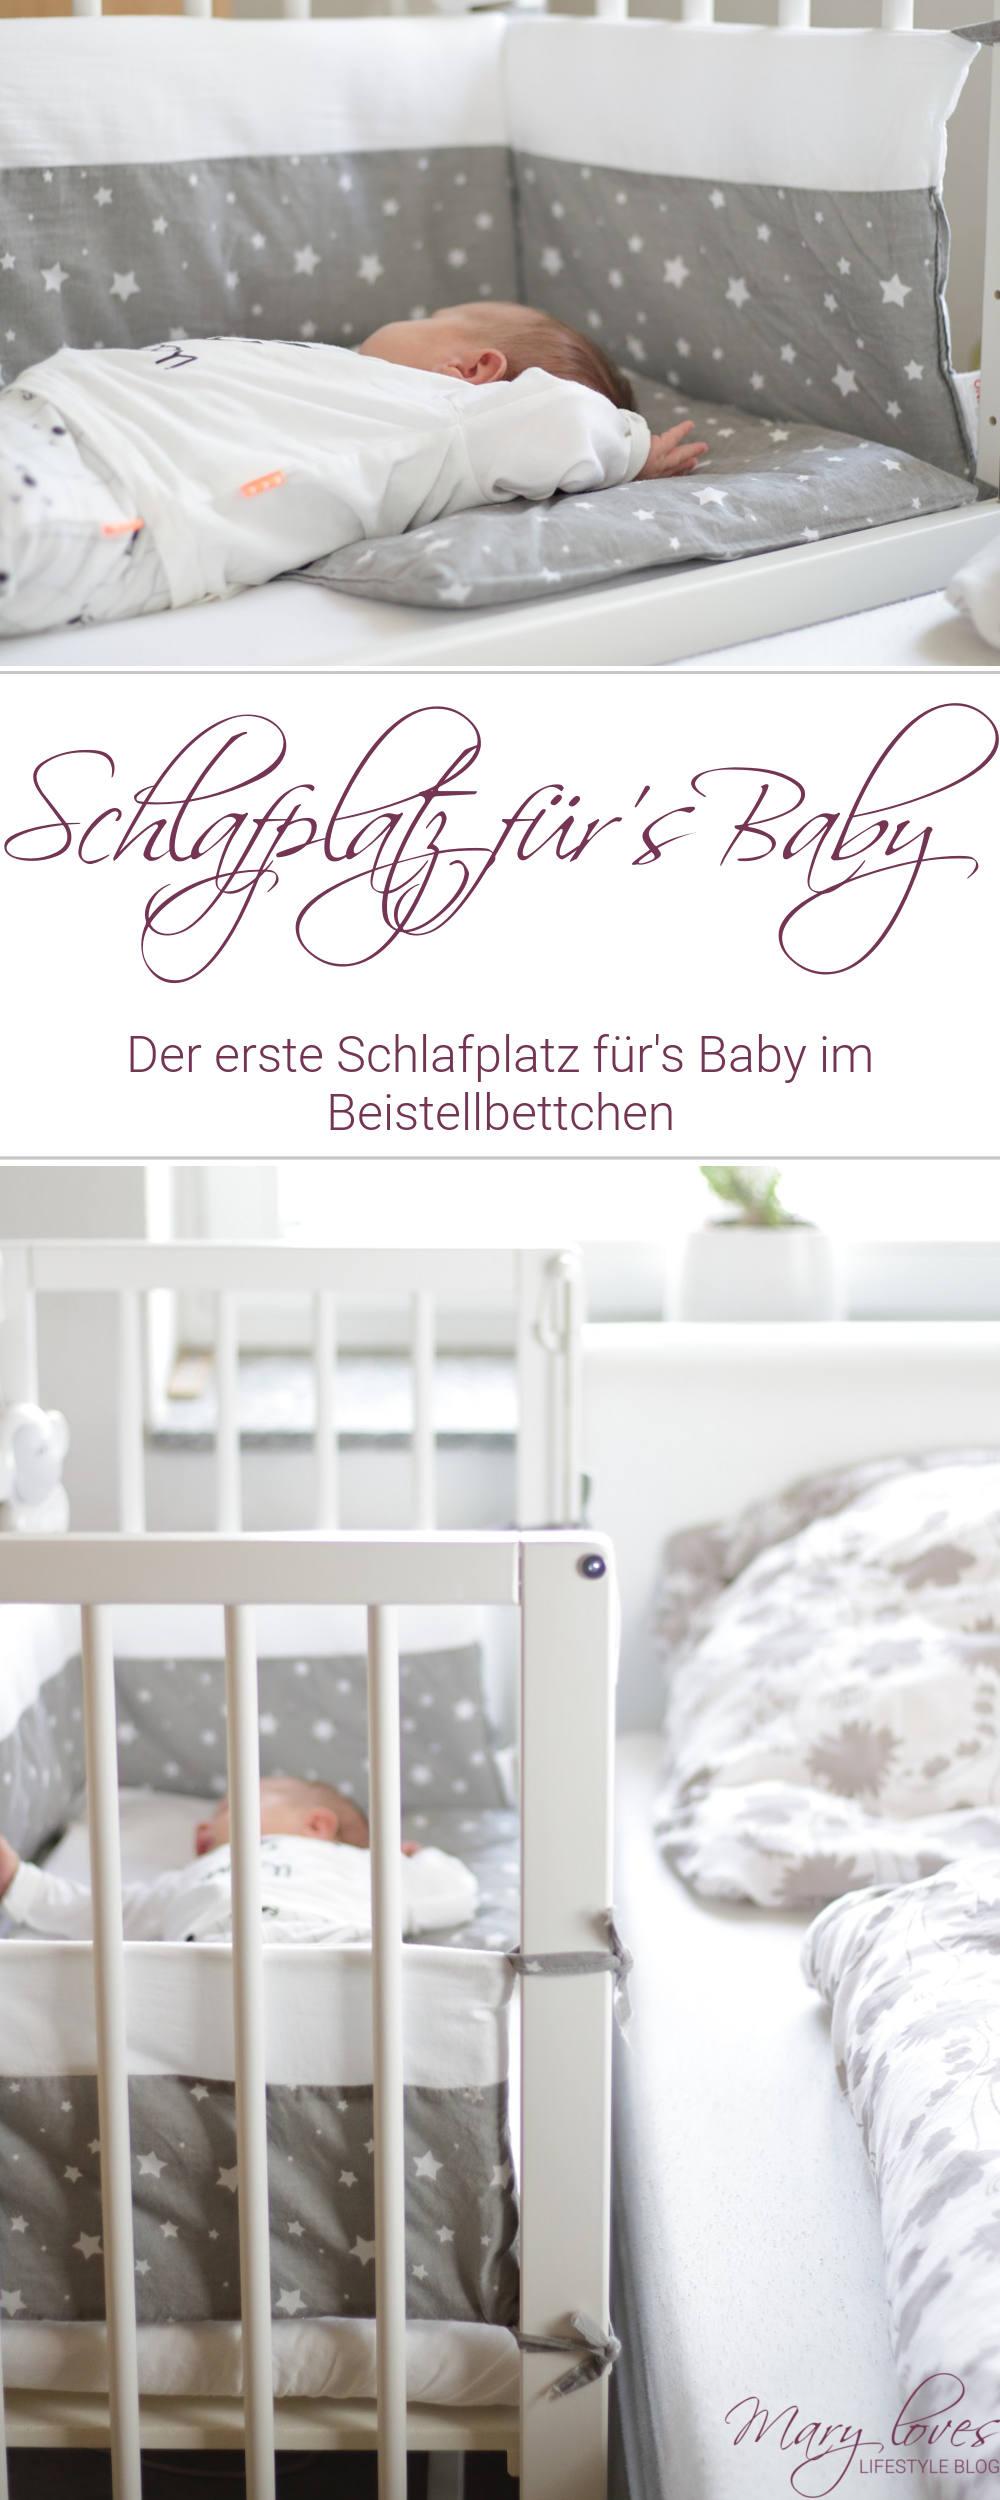 [Anzeige] Der erste Schlafplatz für's Baby im Little World Beistellbett im Elternschlafzimmer - #babywalz #babyzimmer #schlafenszeit #beistellbett #babybett #bettchen #littleworld #baby